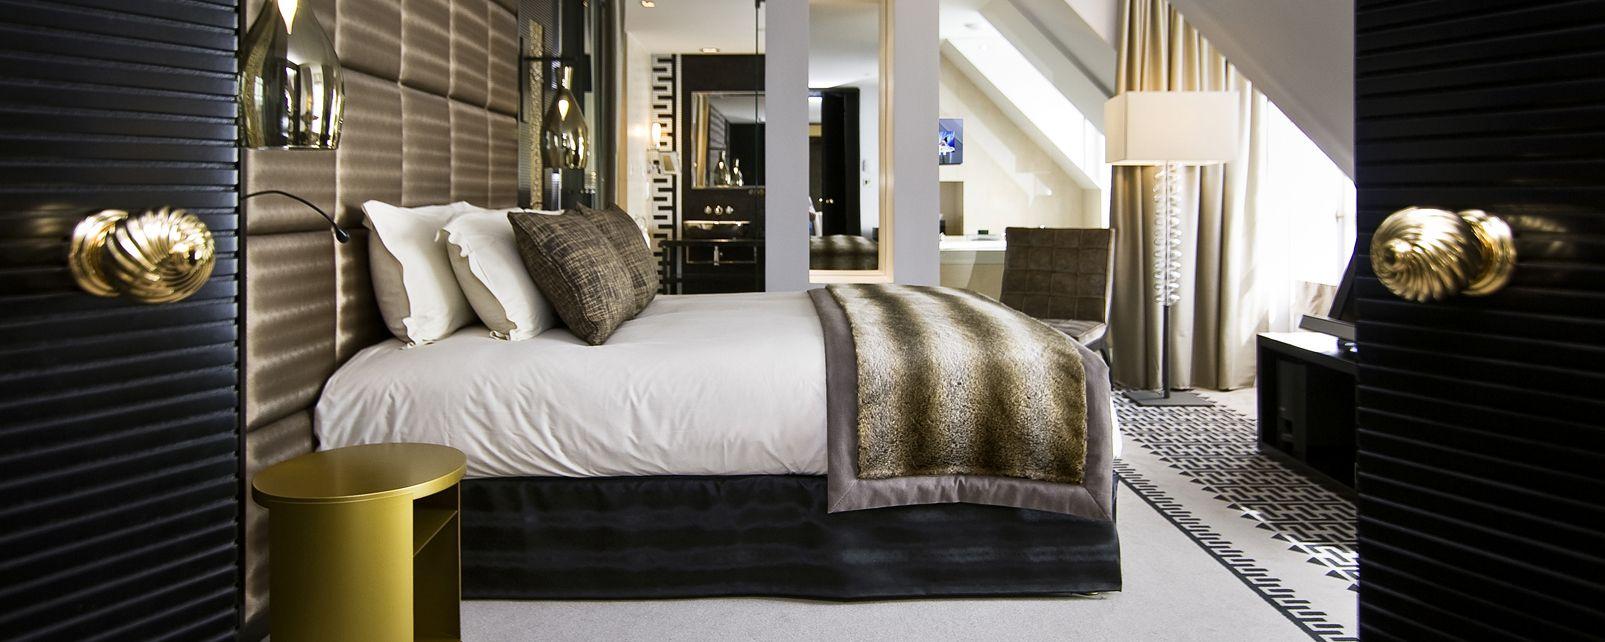 h tel sofitel paris le faubourg paris france. Black Bedroom Furniture Sets. Home Design Ideas